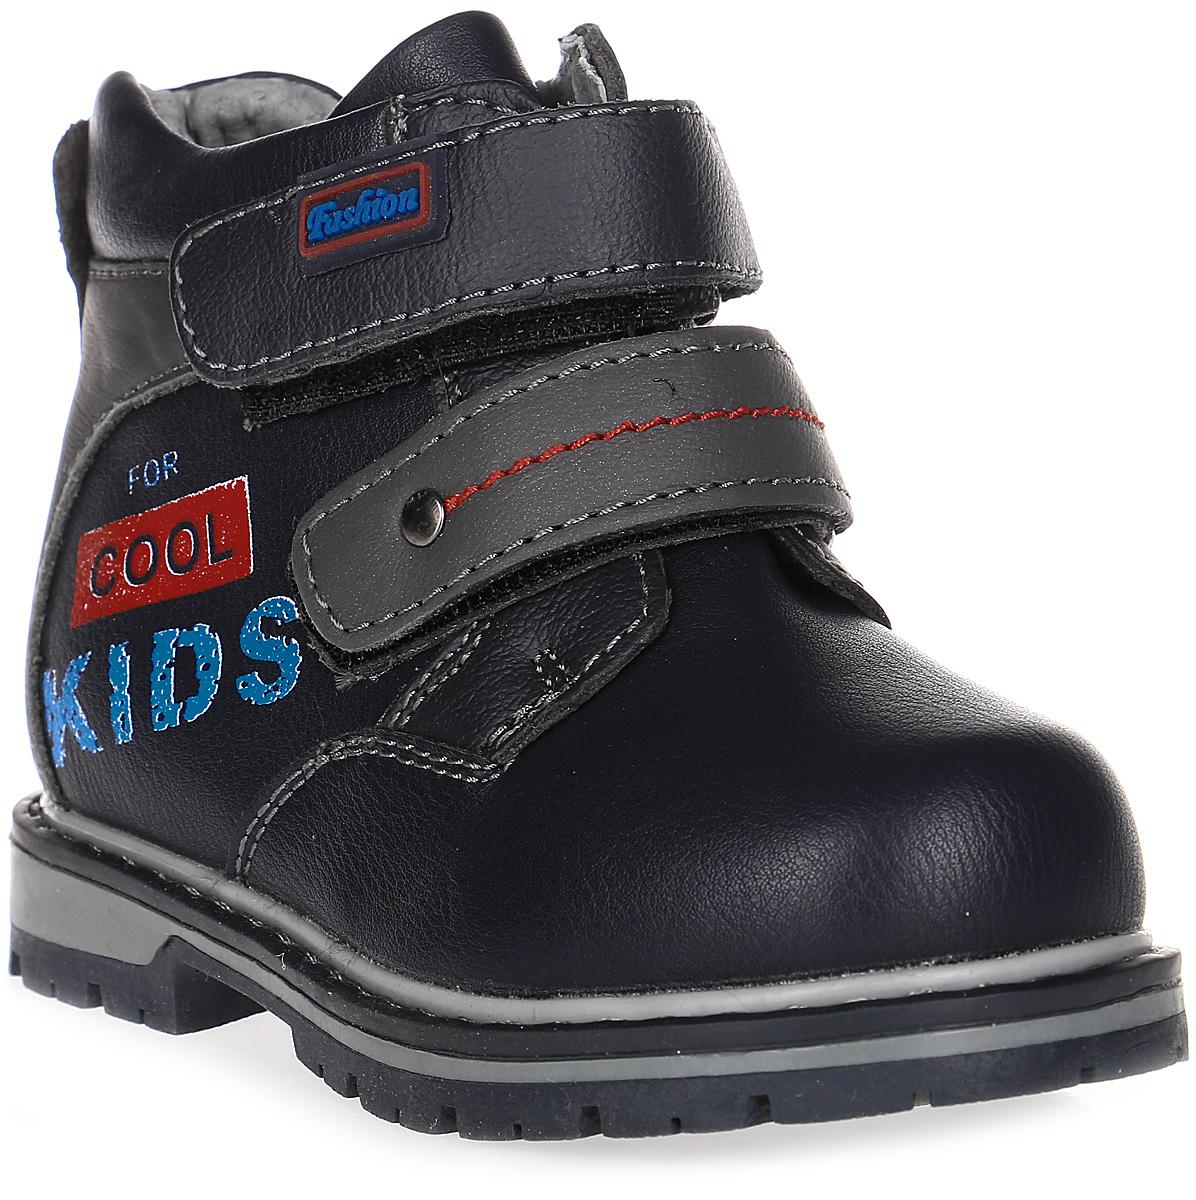 Ботинки для мальчика Счастливый ребенок, цвет: черный, синий, красный. E7123-2. Размер 25E7123-2Ботинки для мальчика Счастливый ребенок выполнены из искусственной кожи. Подошва изготовлена из легкого, гибкого и прочного термопластичного материала. Она обеспечивает отличную амортизацию и смягчает удары от соприкосновения обуви с поверхностью, а протектор подошвы создает надежное сцепление с землей или асфальтом. Внутренняя поверхность и стелька изготовлены из текстиля. Модель застегивается с помощью ремешков на липучки, благодаря которым можно регулировать объем обуви. Сбоку ботинки дополнены цветными надписями.